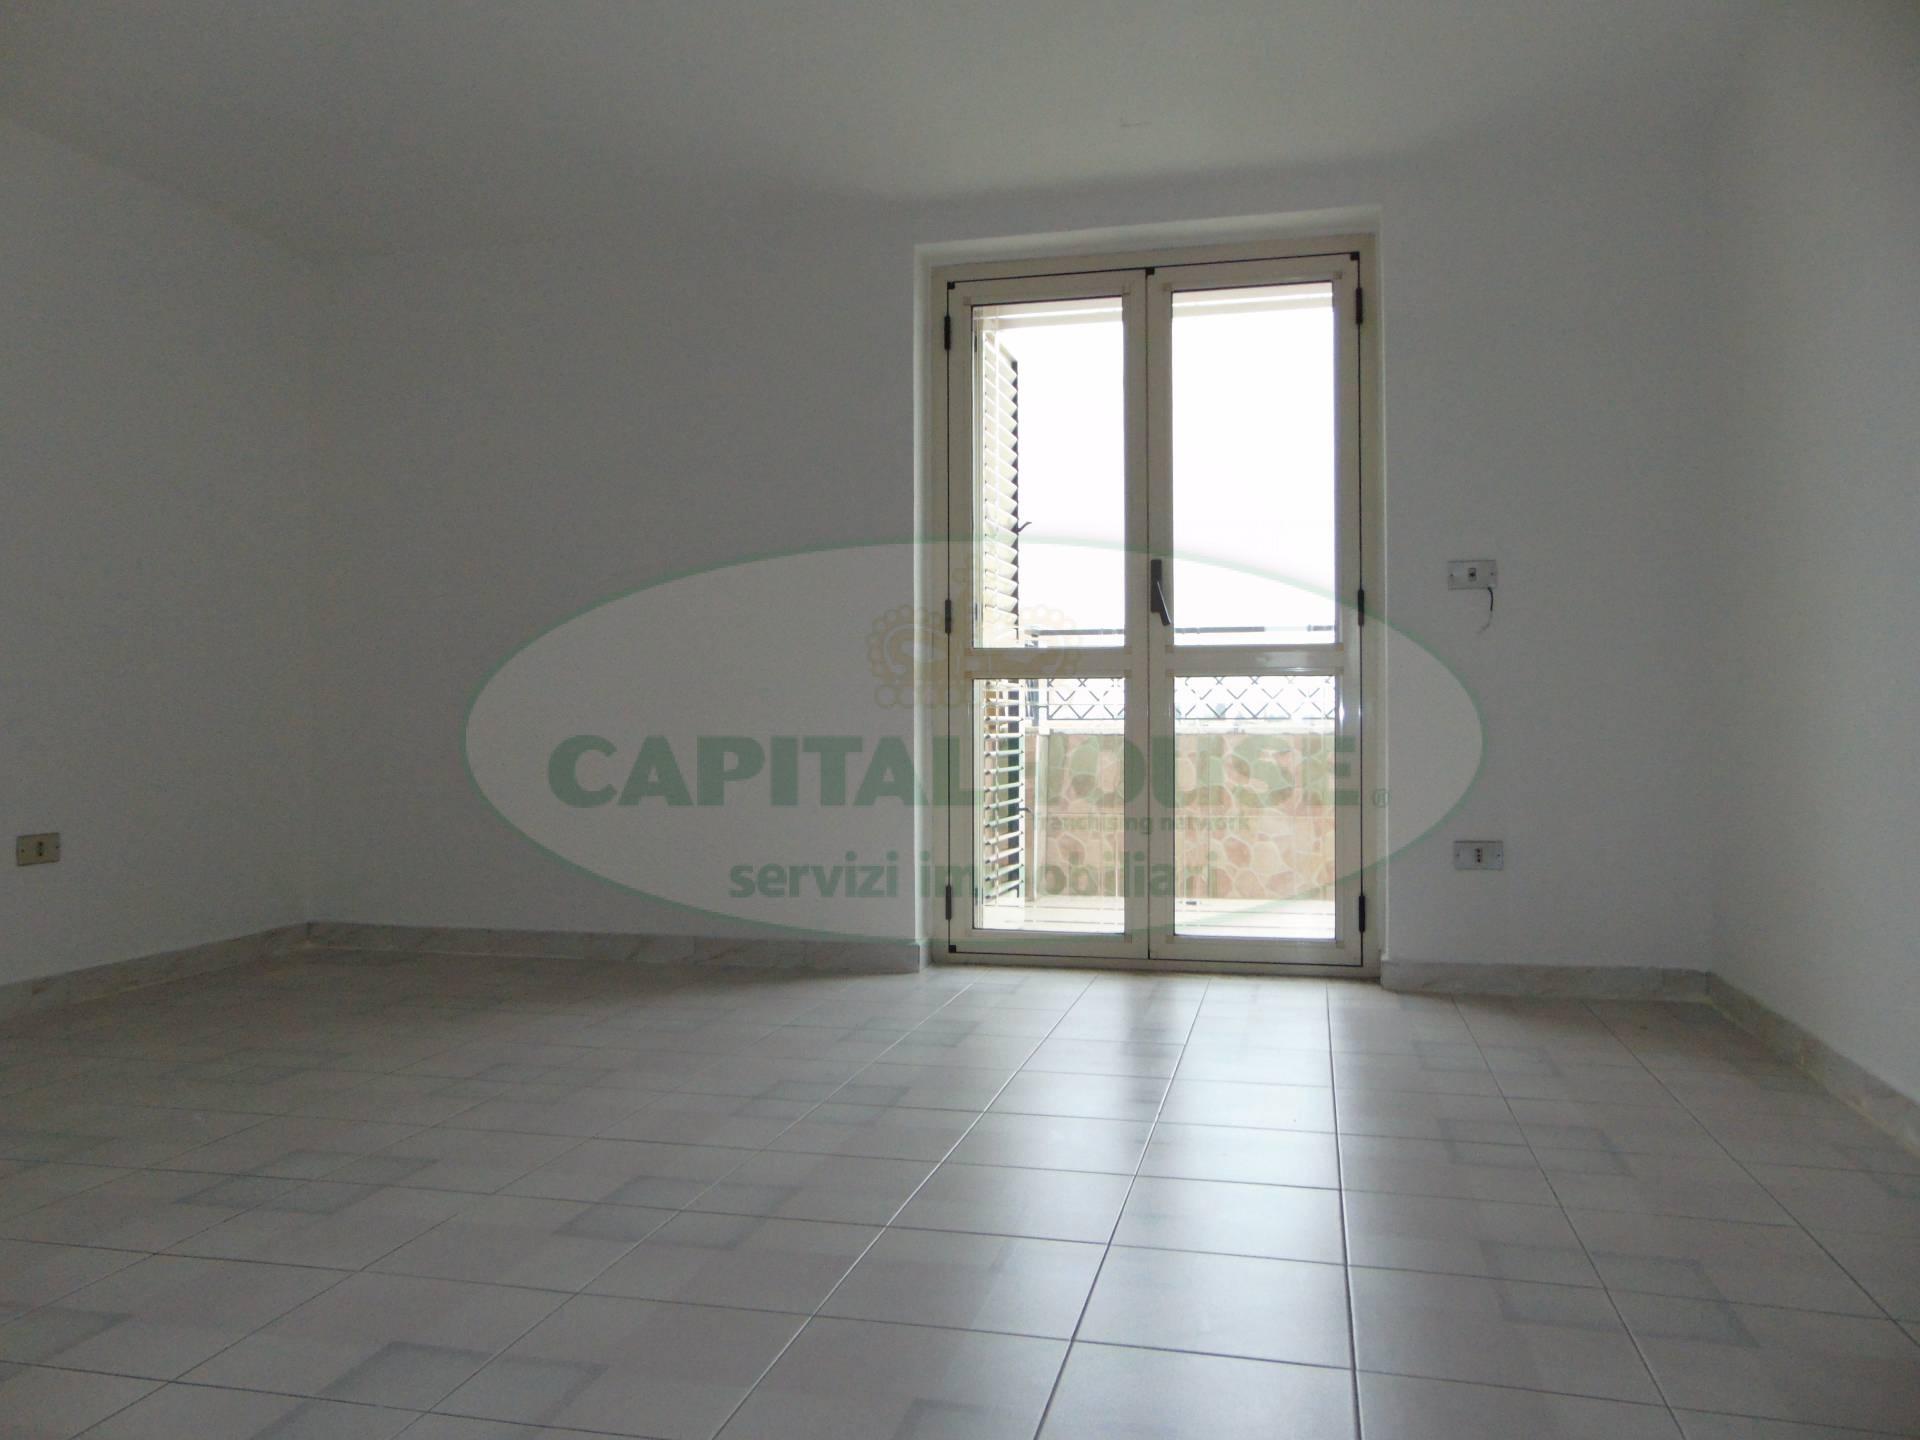 Attico / Mansarda in affitto a Curti, 3 locali, prezzo € 350 | CambioCasa.it